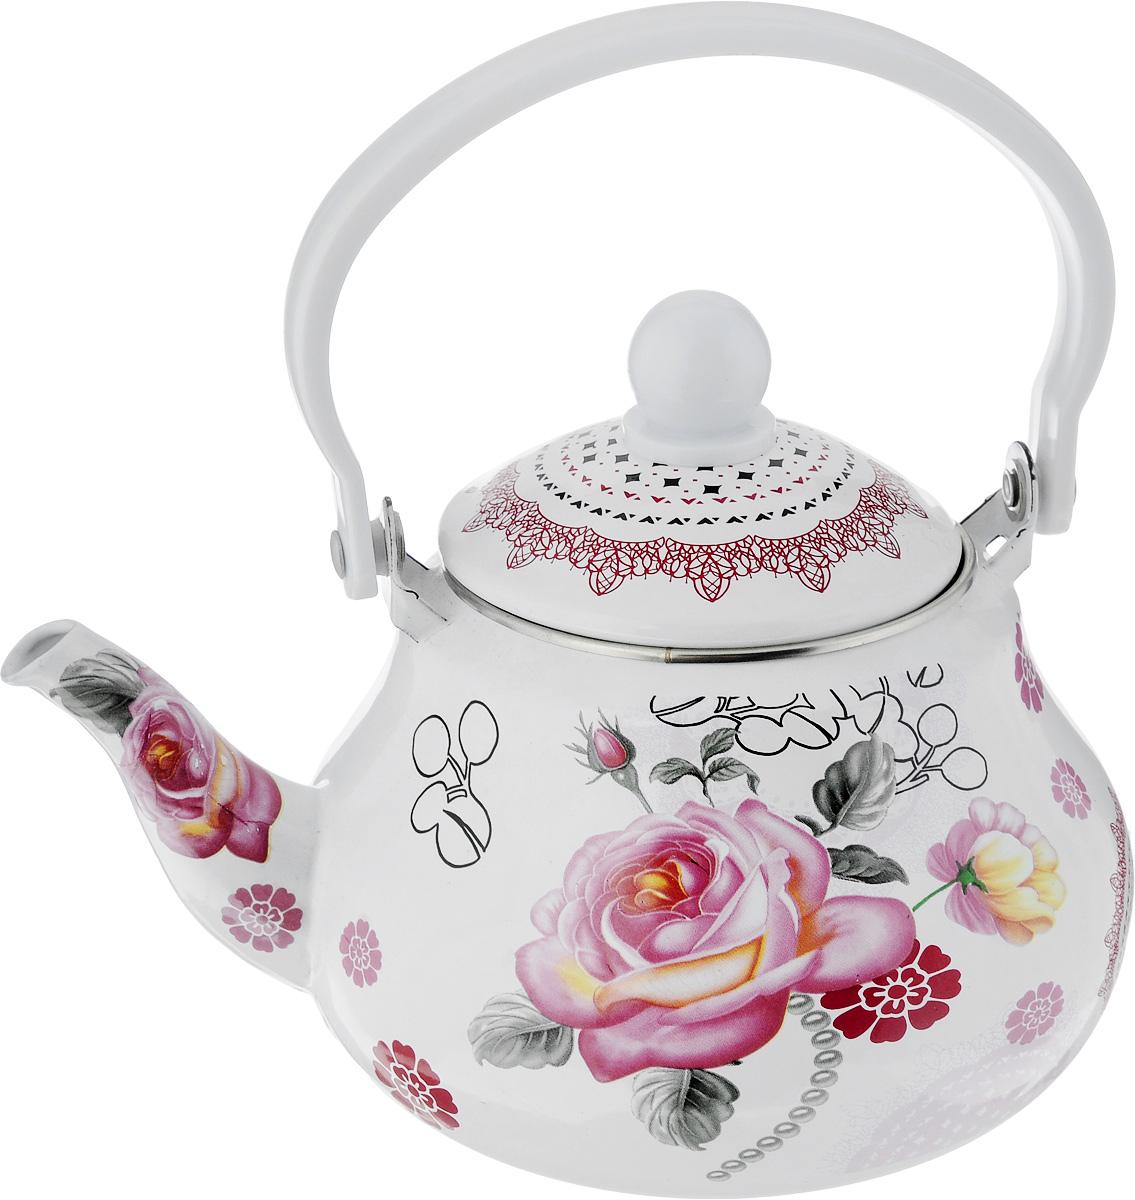 Чайник заварочный Mayer & Boch Роза, с фильтром, 1,5 л. 2398823988Заварочный чайник Mayer & Boch Роза изготовлен из углеродистой стали с эмалированным покрытием и оформлен изображением цветов. Покрытие устойчиво к механическому воздействию, не царапается и не сходит, а стальная основа практически не подвержена механической деформации, благодаря чему срок эксплуатации изделия увеличивается. Гладкая и идеально ровная поверхность обеспечивает легкую очистку. Изделие оснащено эргономичной ручкой, выполненной из бакелита. В комплект входит сетчатый фильтр из нержавеющей стали, который предотвращает попадание чаинок в чашку. Чайник поможет заварить крепкий ароматный чай и великолепно украсит стол к чаепитию. Изделие подходит для использования на всех типах плит, включая индукционные. Также изделие можно мыть в посудомоечной машине.Диаметр чайника (по верхнему краю): 9,5 см. Высота чайника (без учета крышки): 10,5 см.